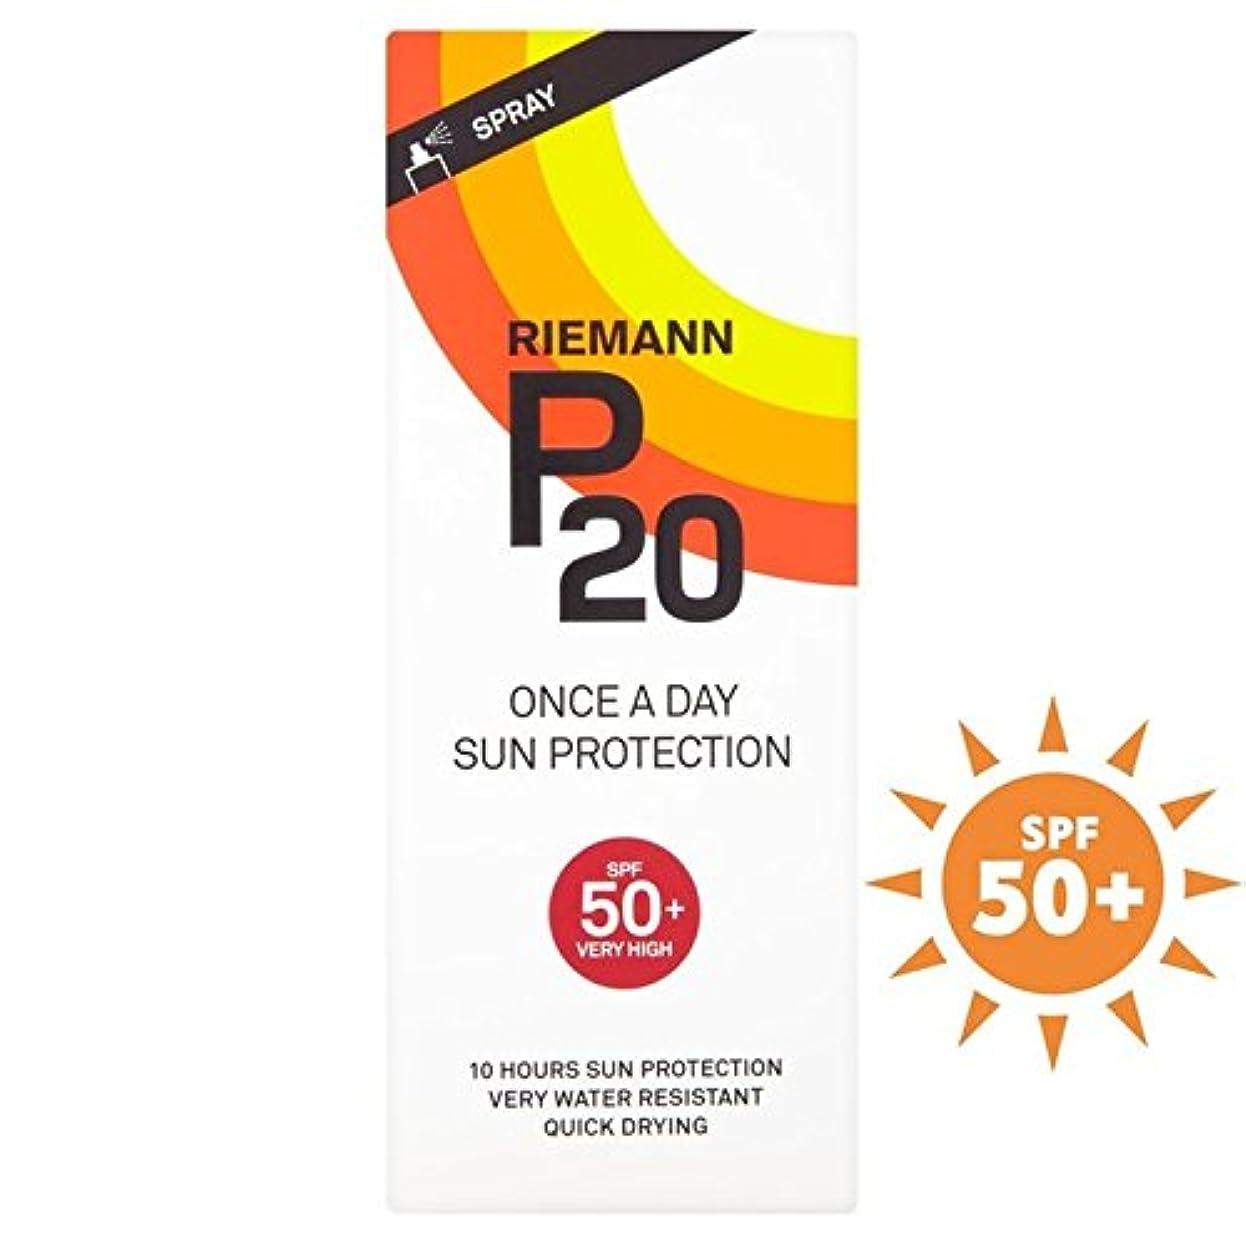 むさぼり食うスカウト収穫Riemann P20 SPF50+ 1 Day/10 Hour Protection 200ml - リーマン20の50 + 1日/ 10時間の保護200ミリリットル [並行輸入品]